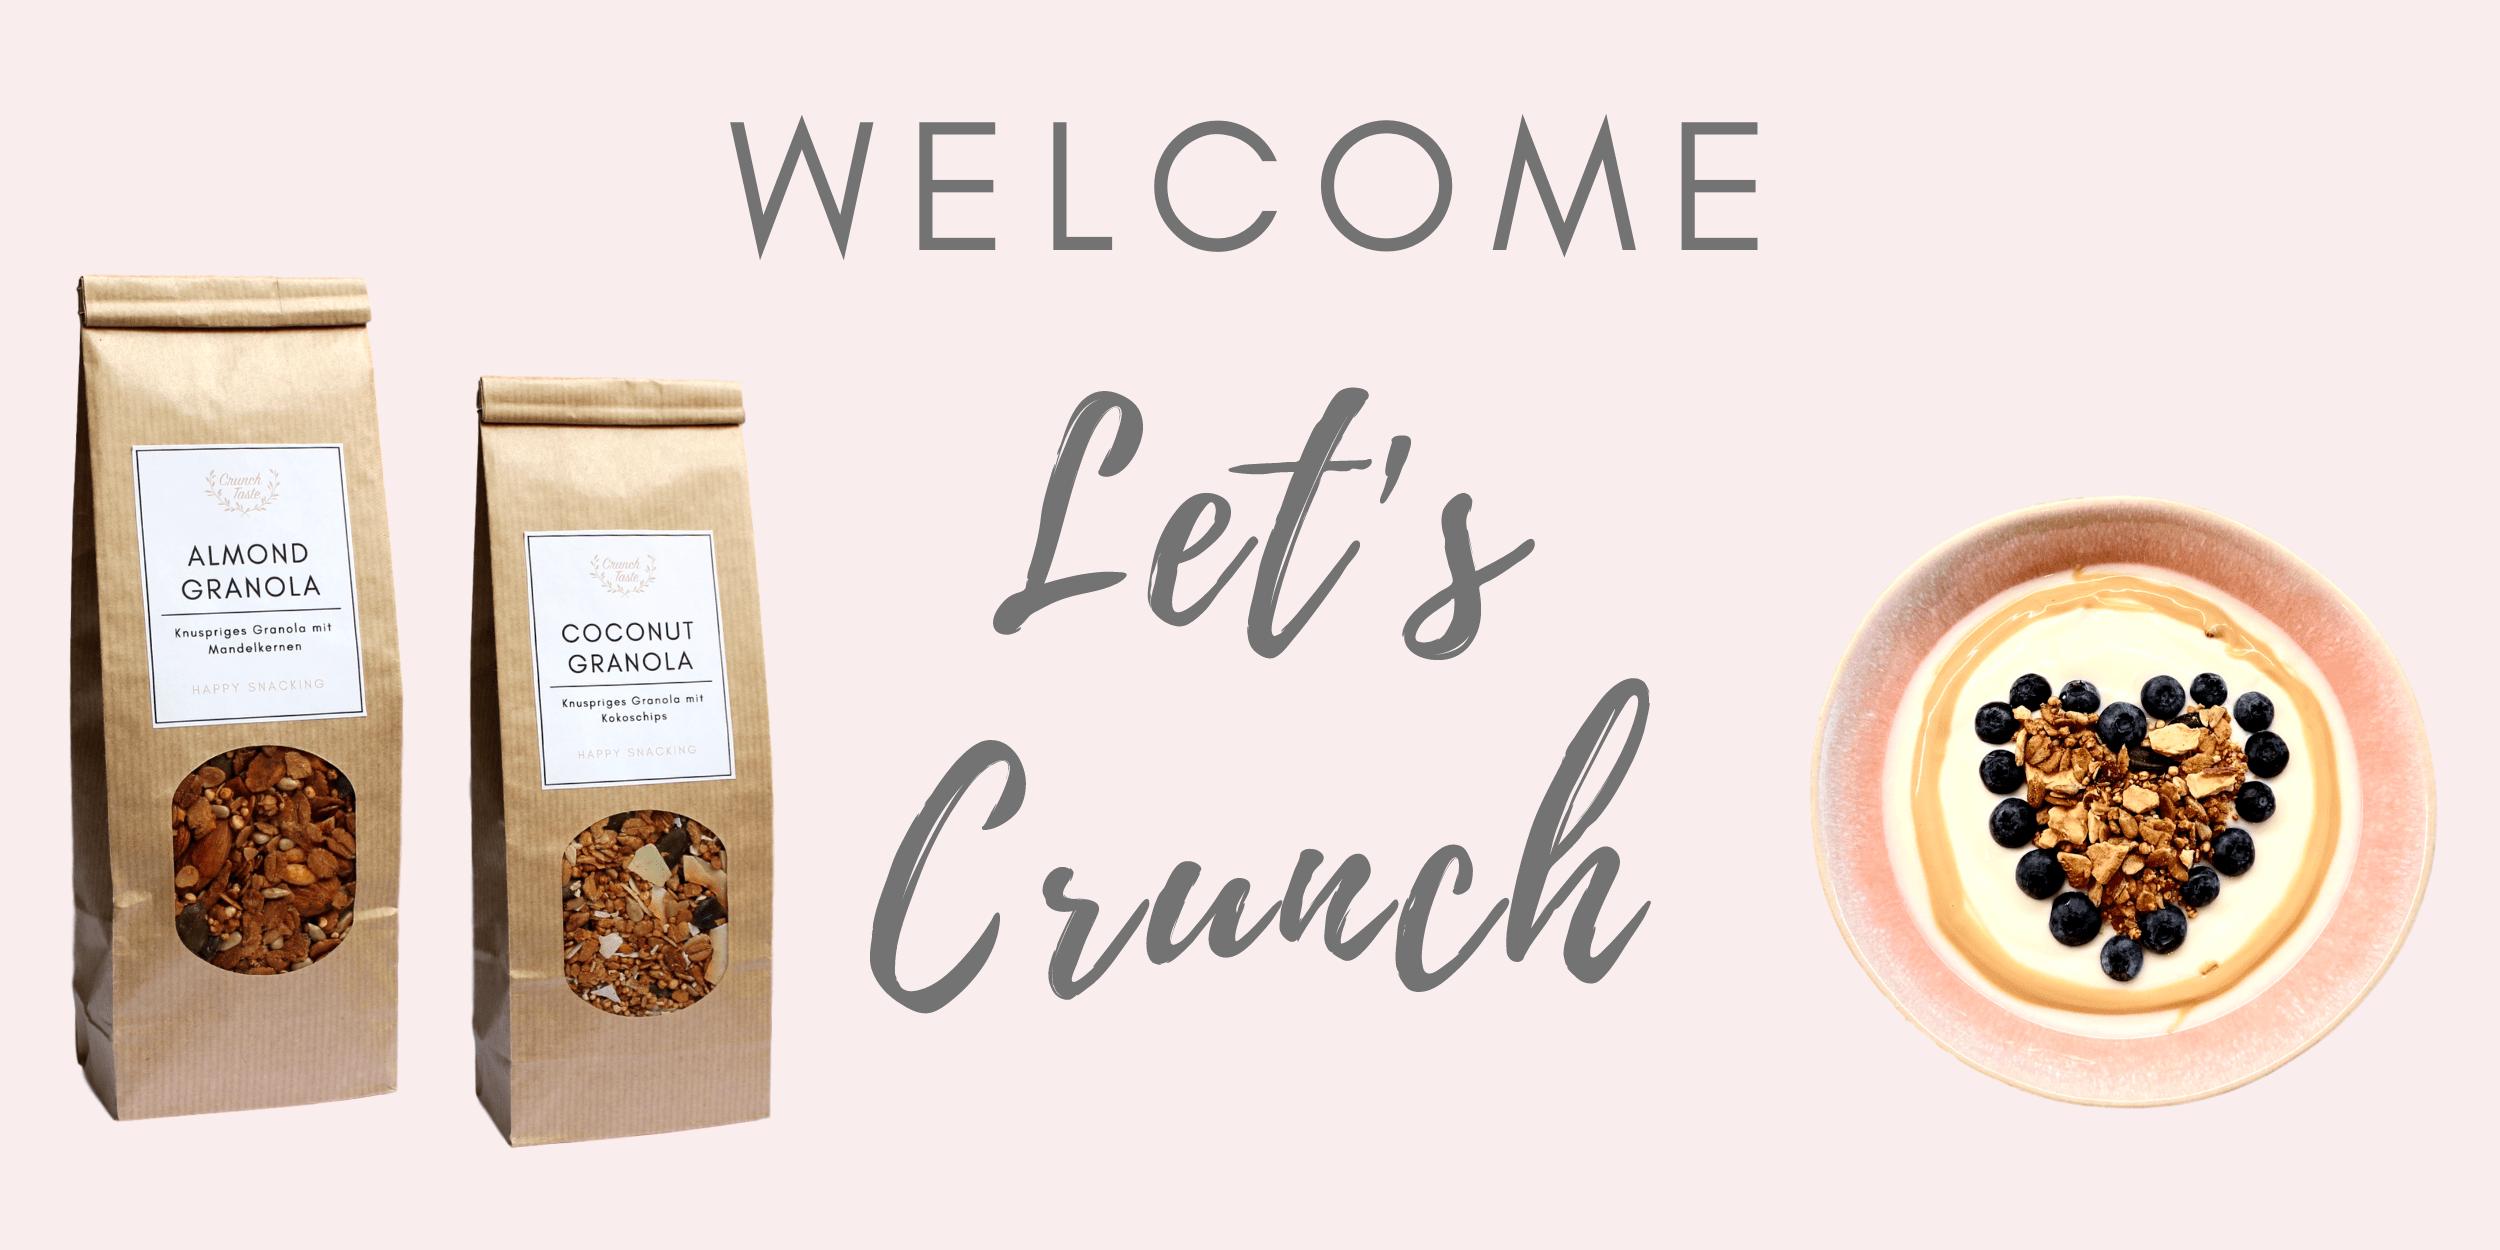 Crunchtaste Welcome